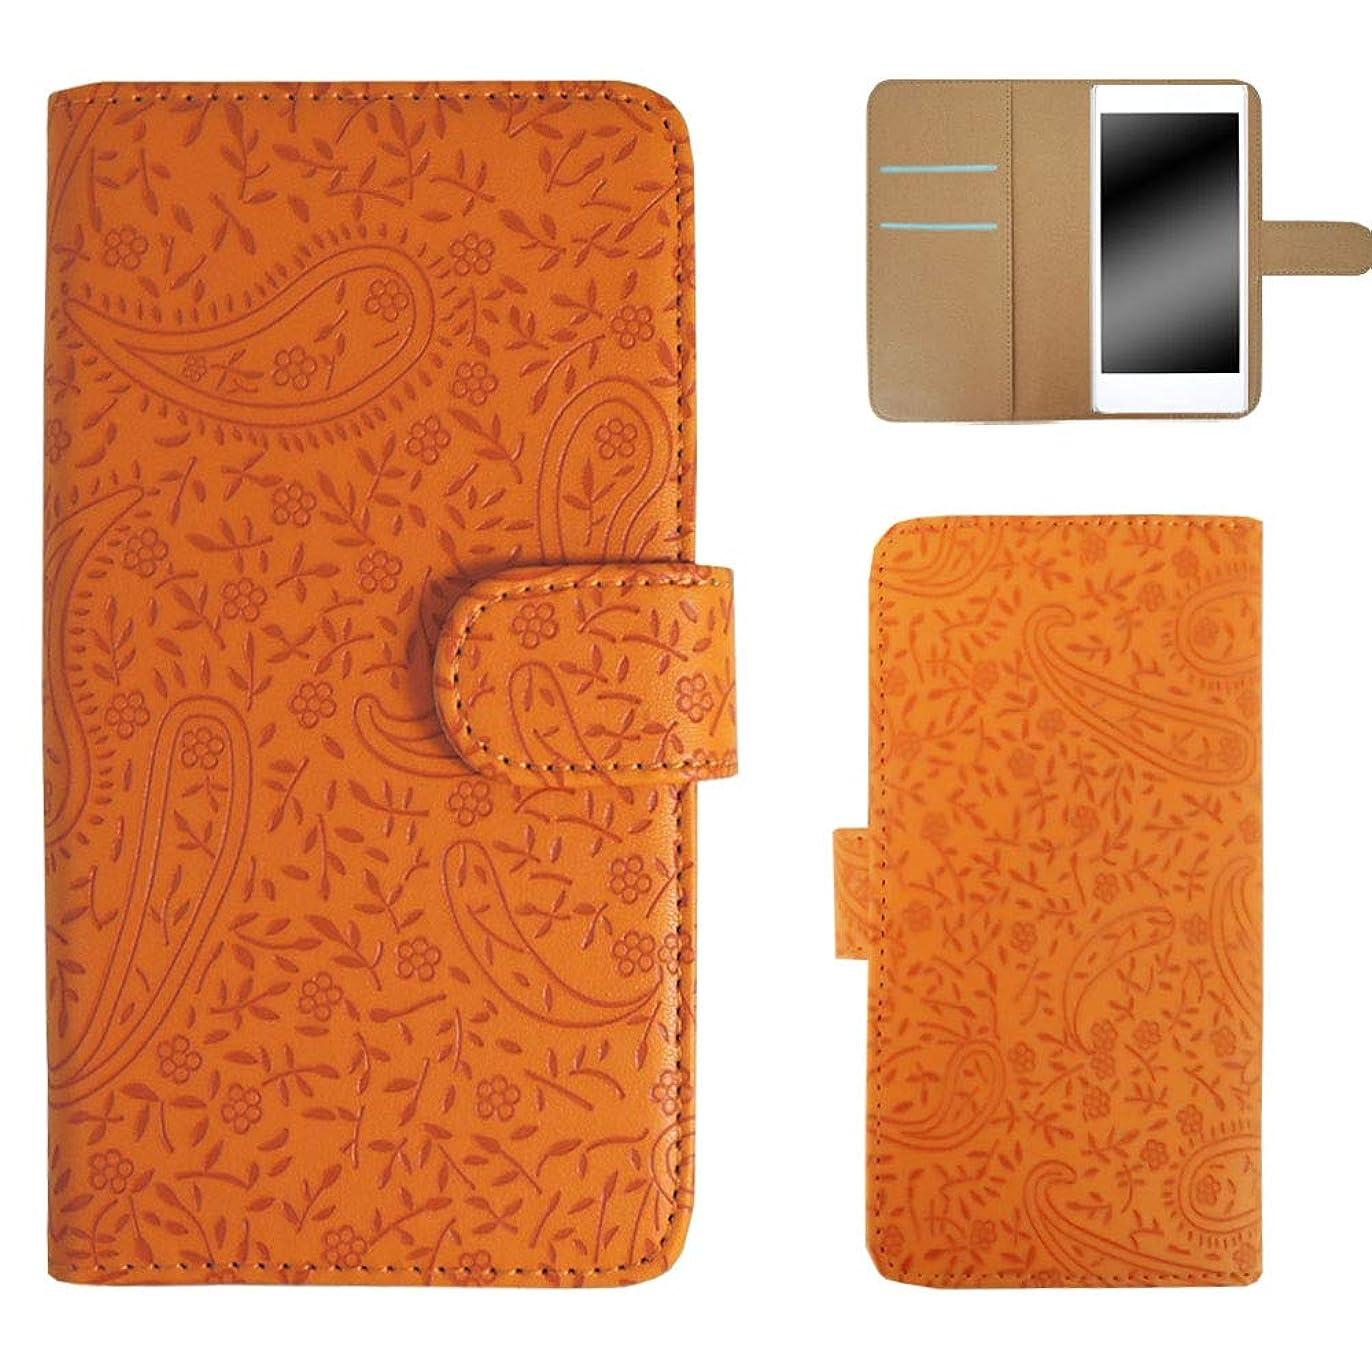 抑圧者理解ストリップホワイトナッツ Xperia acro HD SO-03D スマホケース 手帳 ペイズリー柄 オレンジ ケース エクスペリア アクロ エイチディー 手帳型 カバー スマホカバー WN-OD225263_M